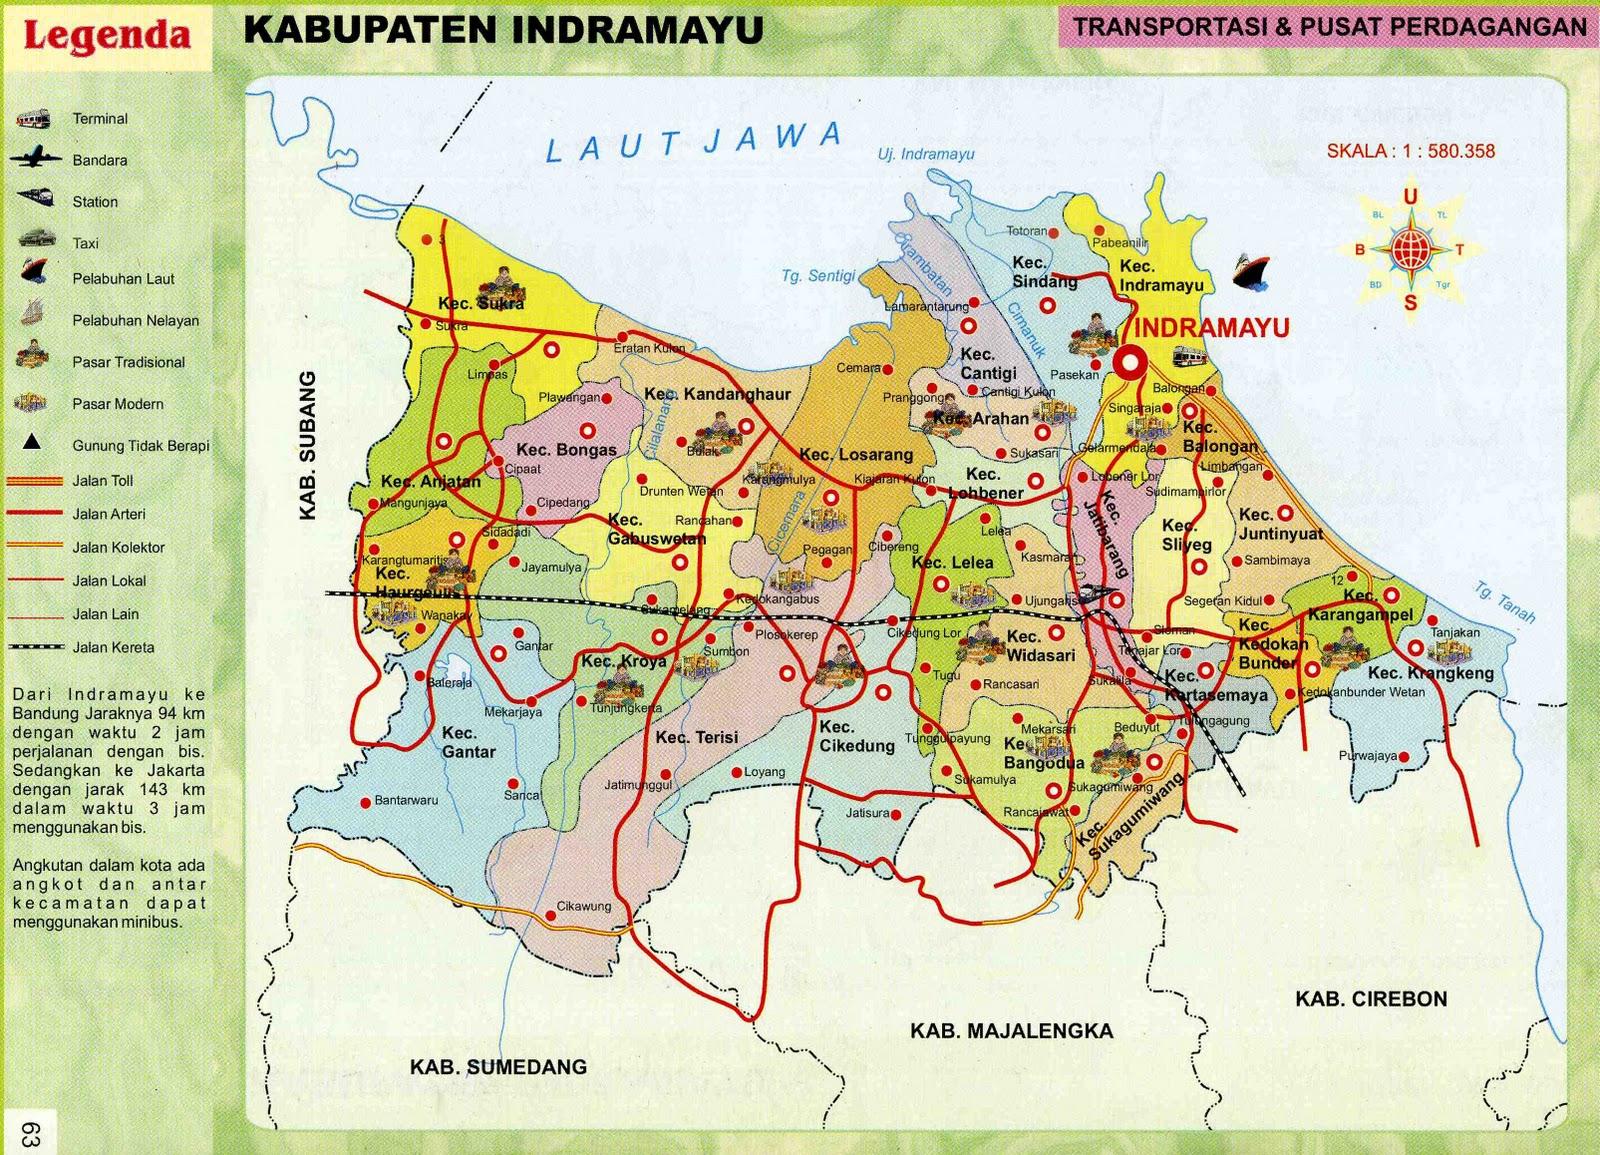 takjub indonesia peta kecamatan kecamatan di kabupaten